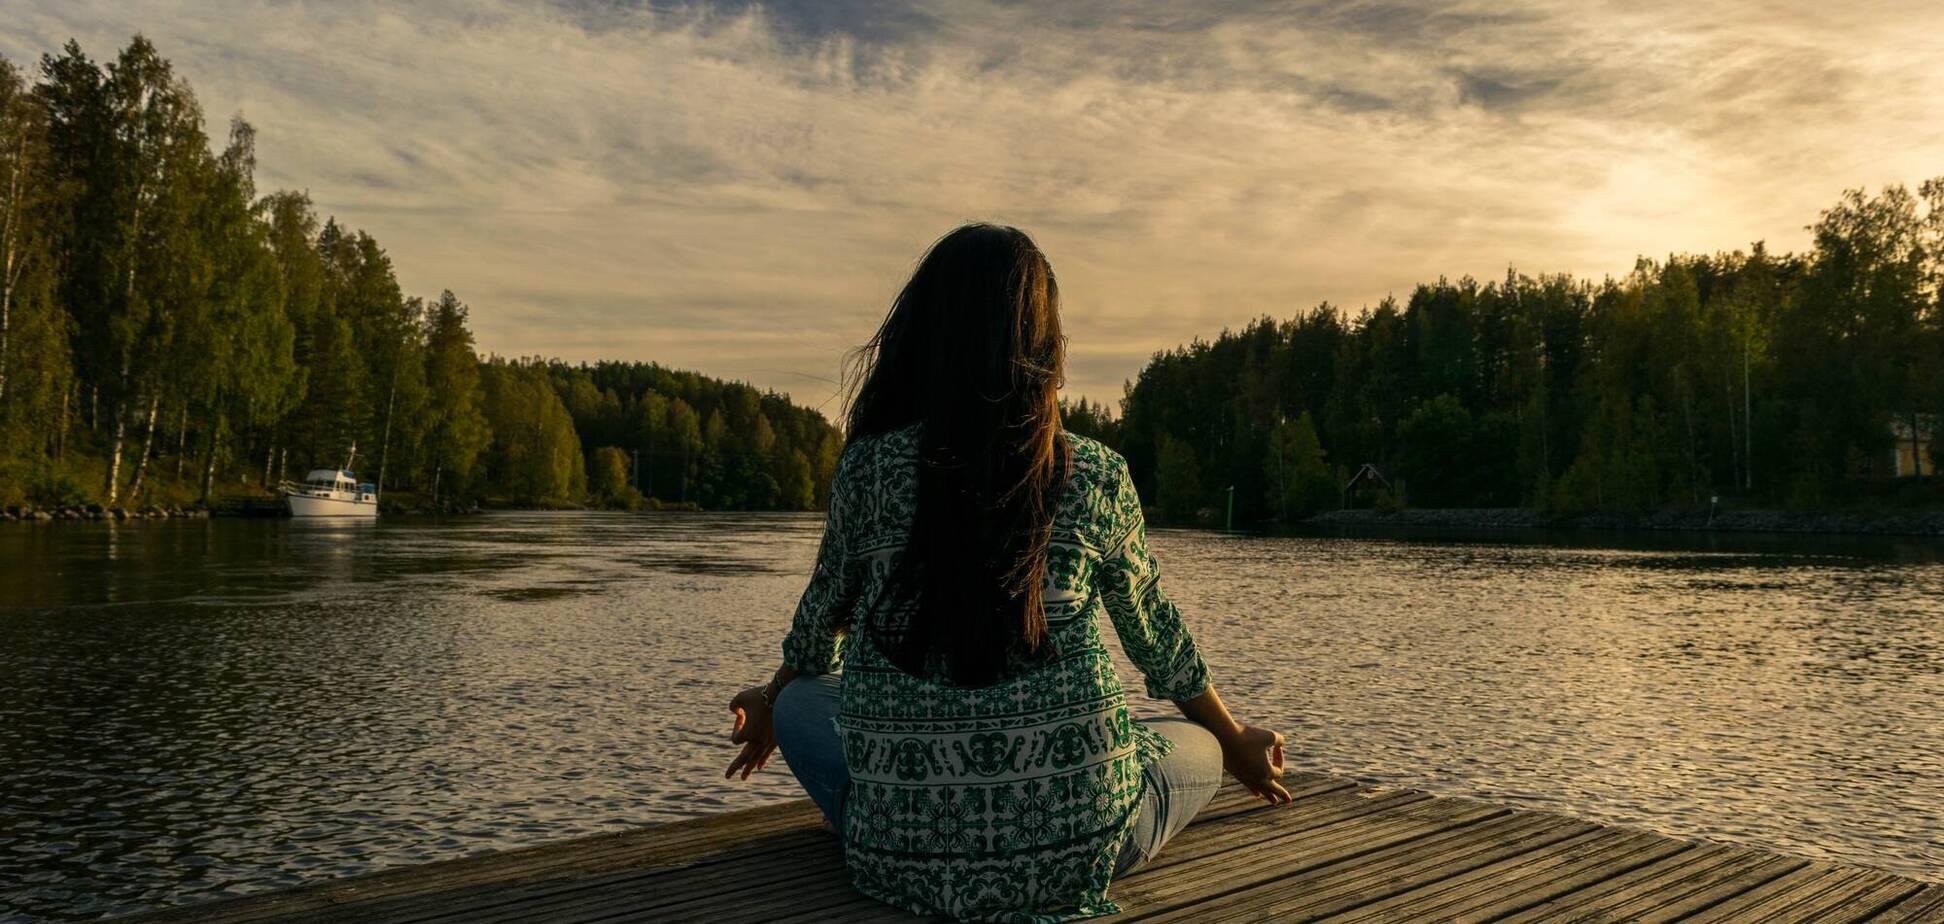 Чтобы победить раздражительность, для начала стоит проверить, насколько здоров ваш образ жизни